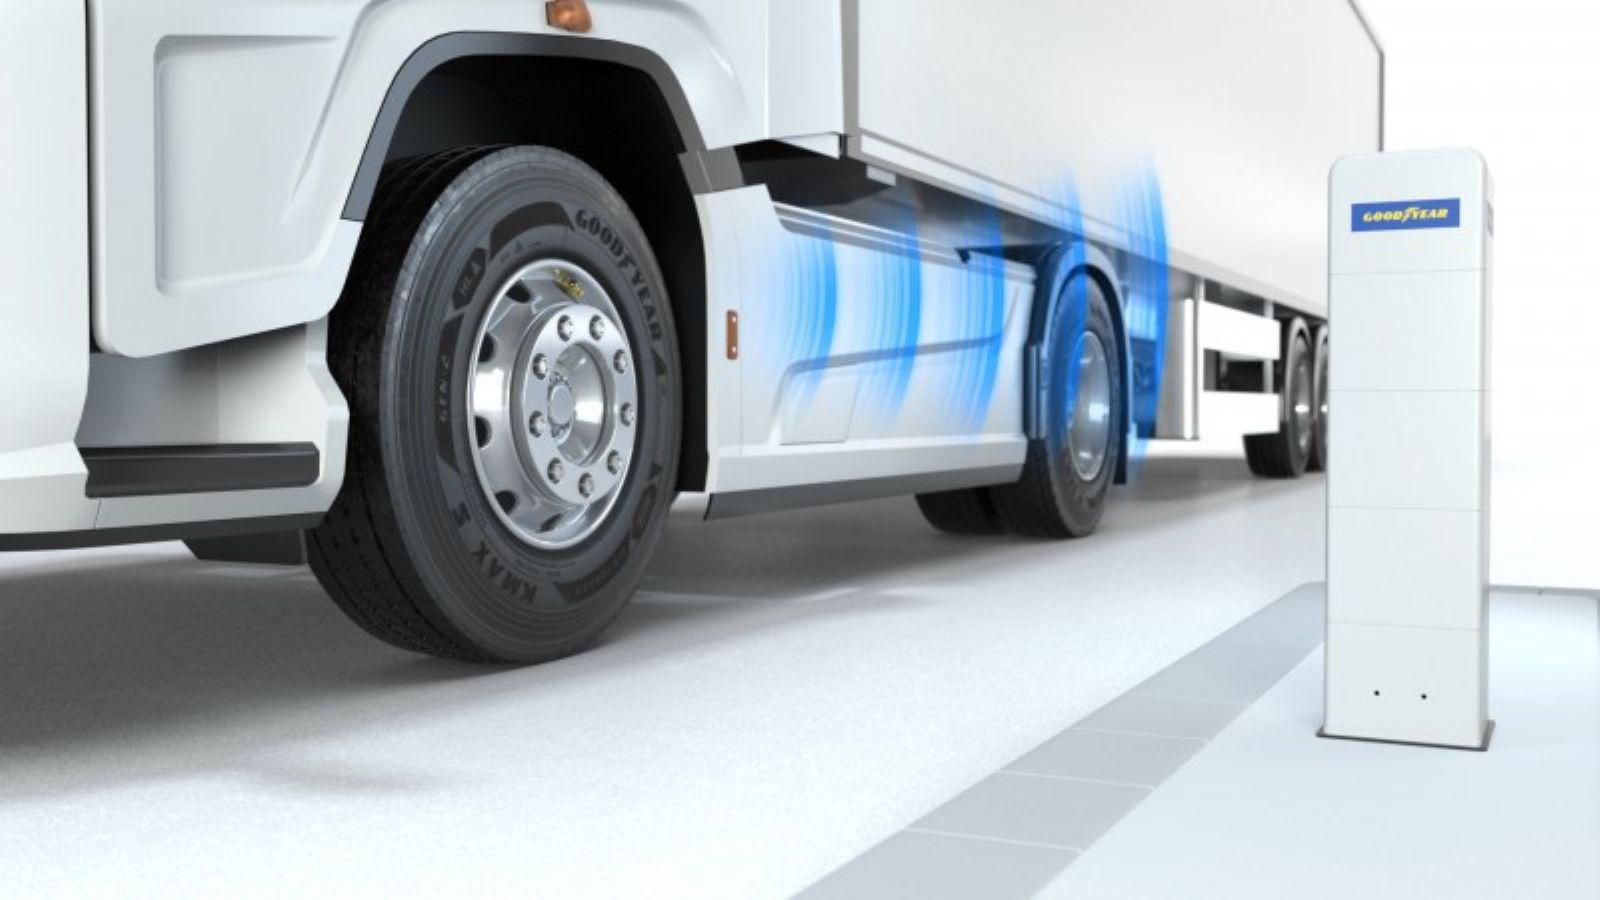 Το Drive Point έρχεται να προστεθεί στις υπάρχουσες «έξυπνες» λύσεις παρακολούθησης ελαστικών, TPMS και Drive-Over-Reader